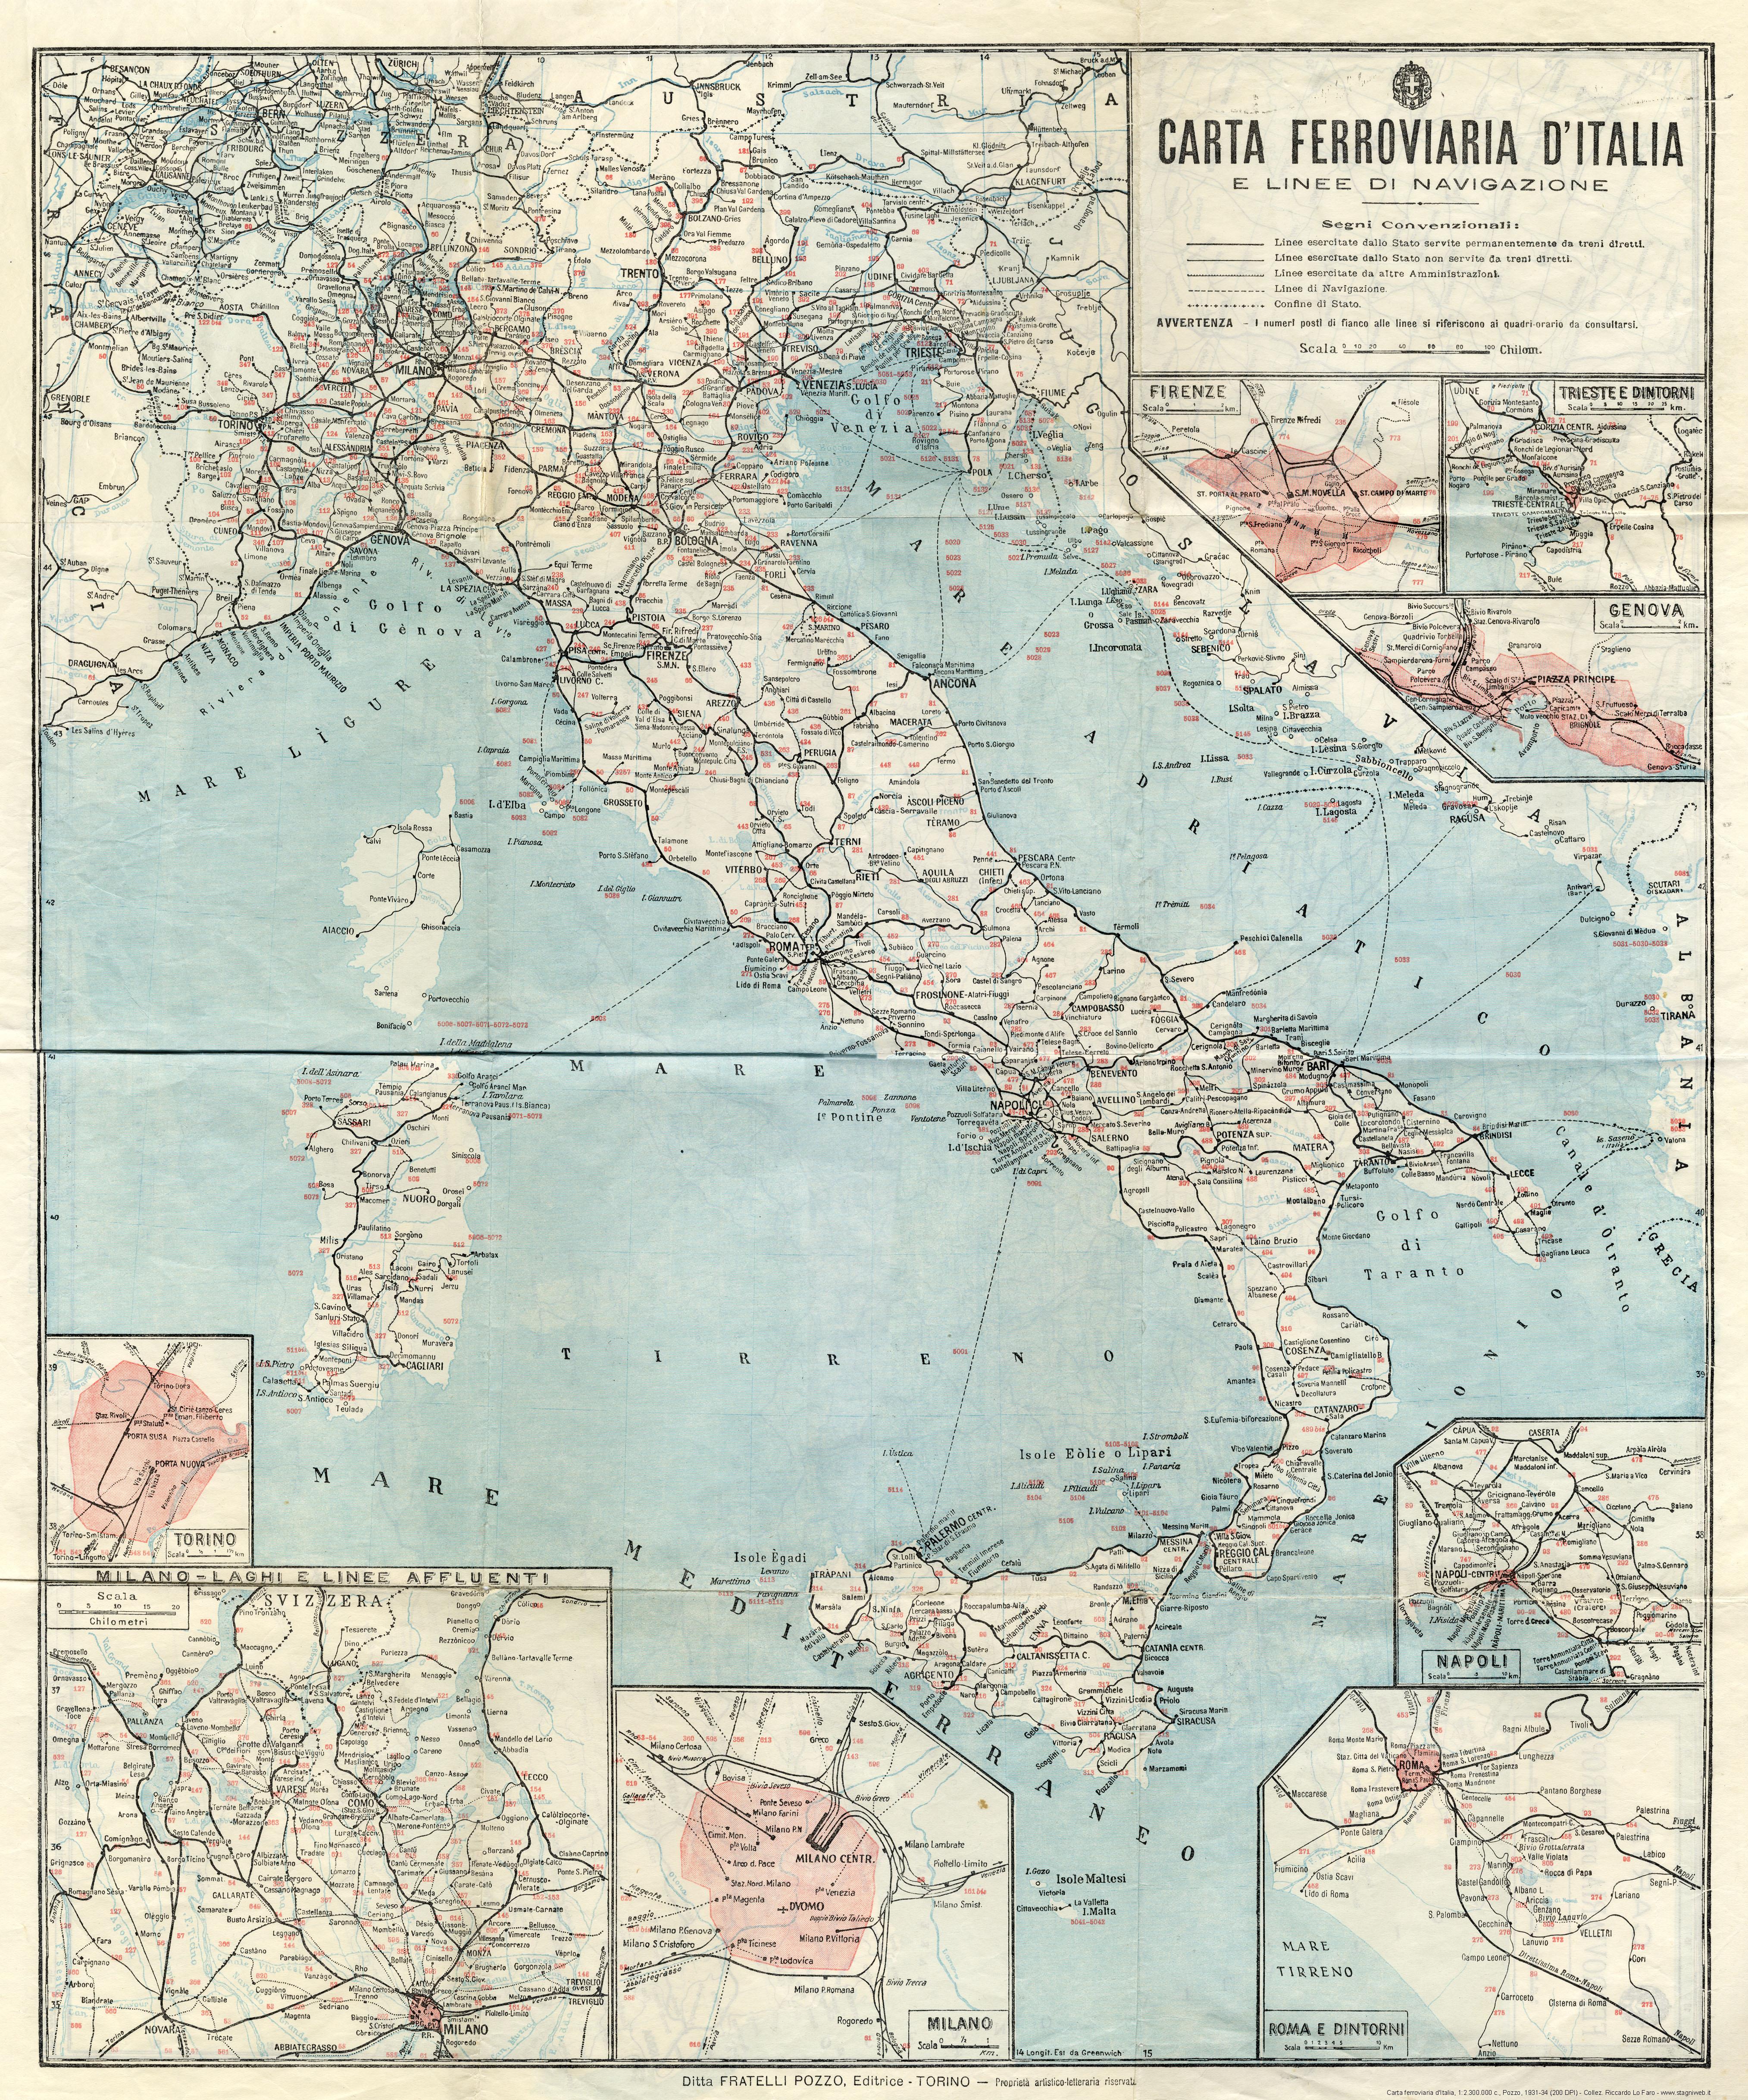 Cartina Mondo Alta Risoluzione.Altre Carte Ferroviarie Stagniweb